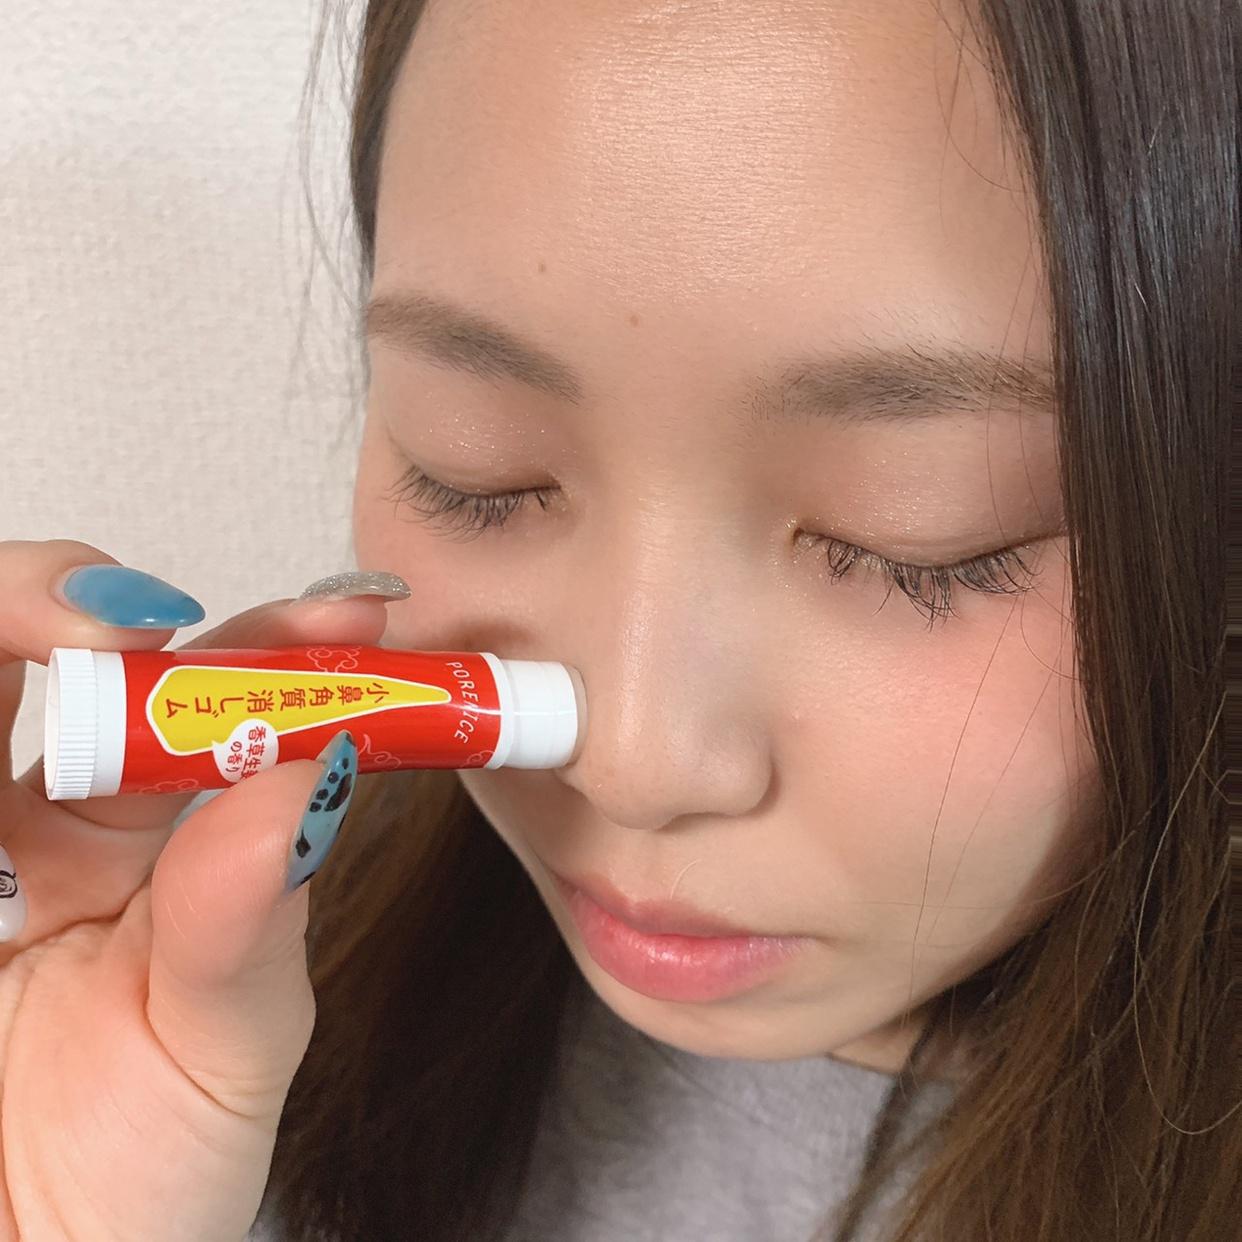 PORENICE(ポアナイス) 小鼻角質消しゴムの良い点・メリットに関するkana_cafe_timeさんの口コミ画像3